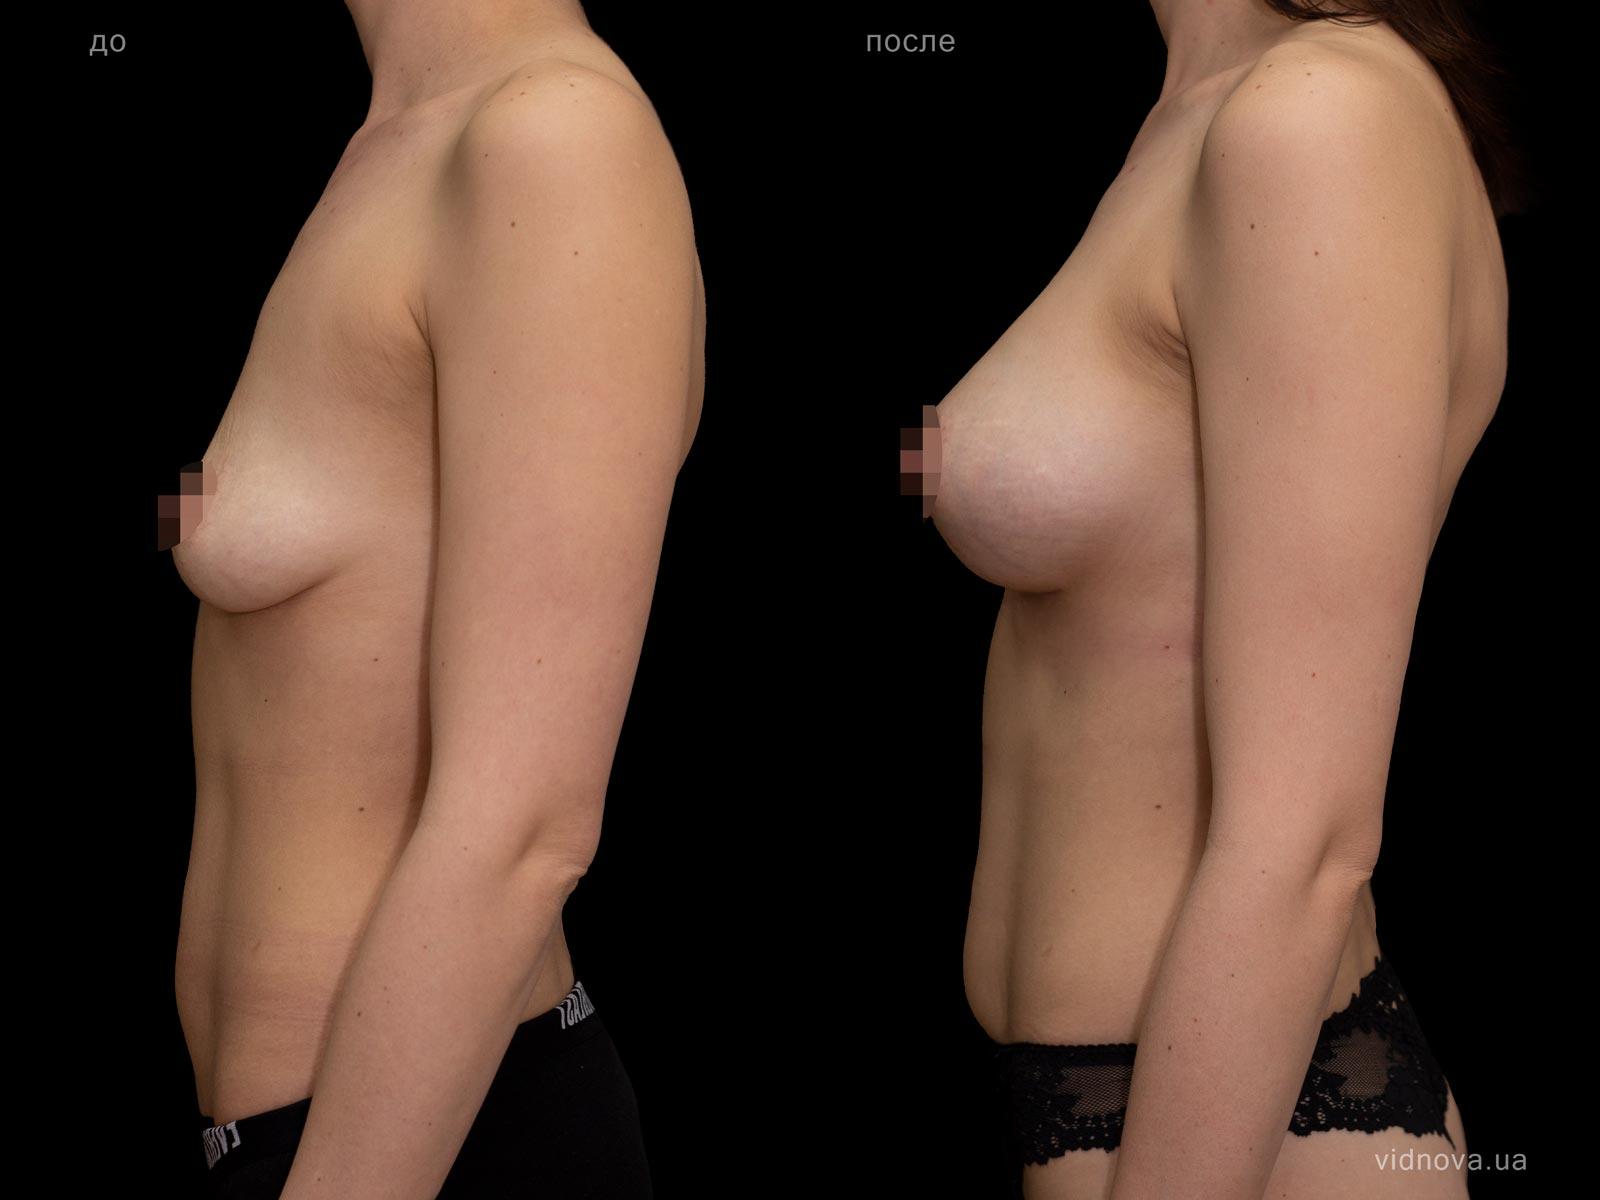 Пластика груди: результаты до и после - Пример №93-2 - Светлана Работенко